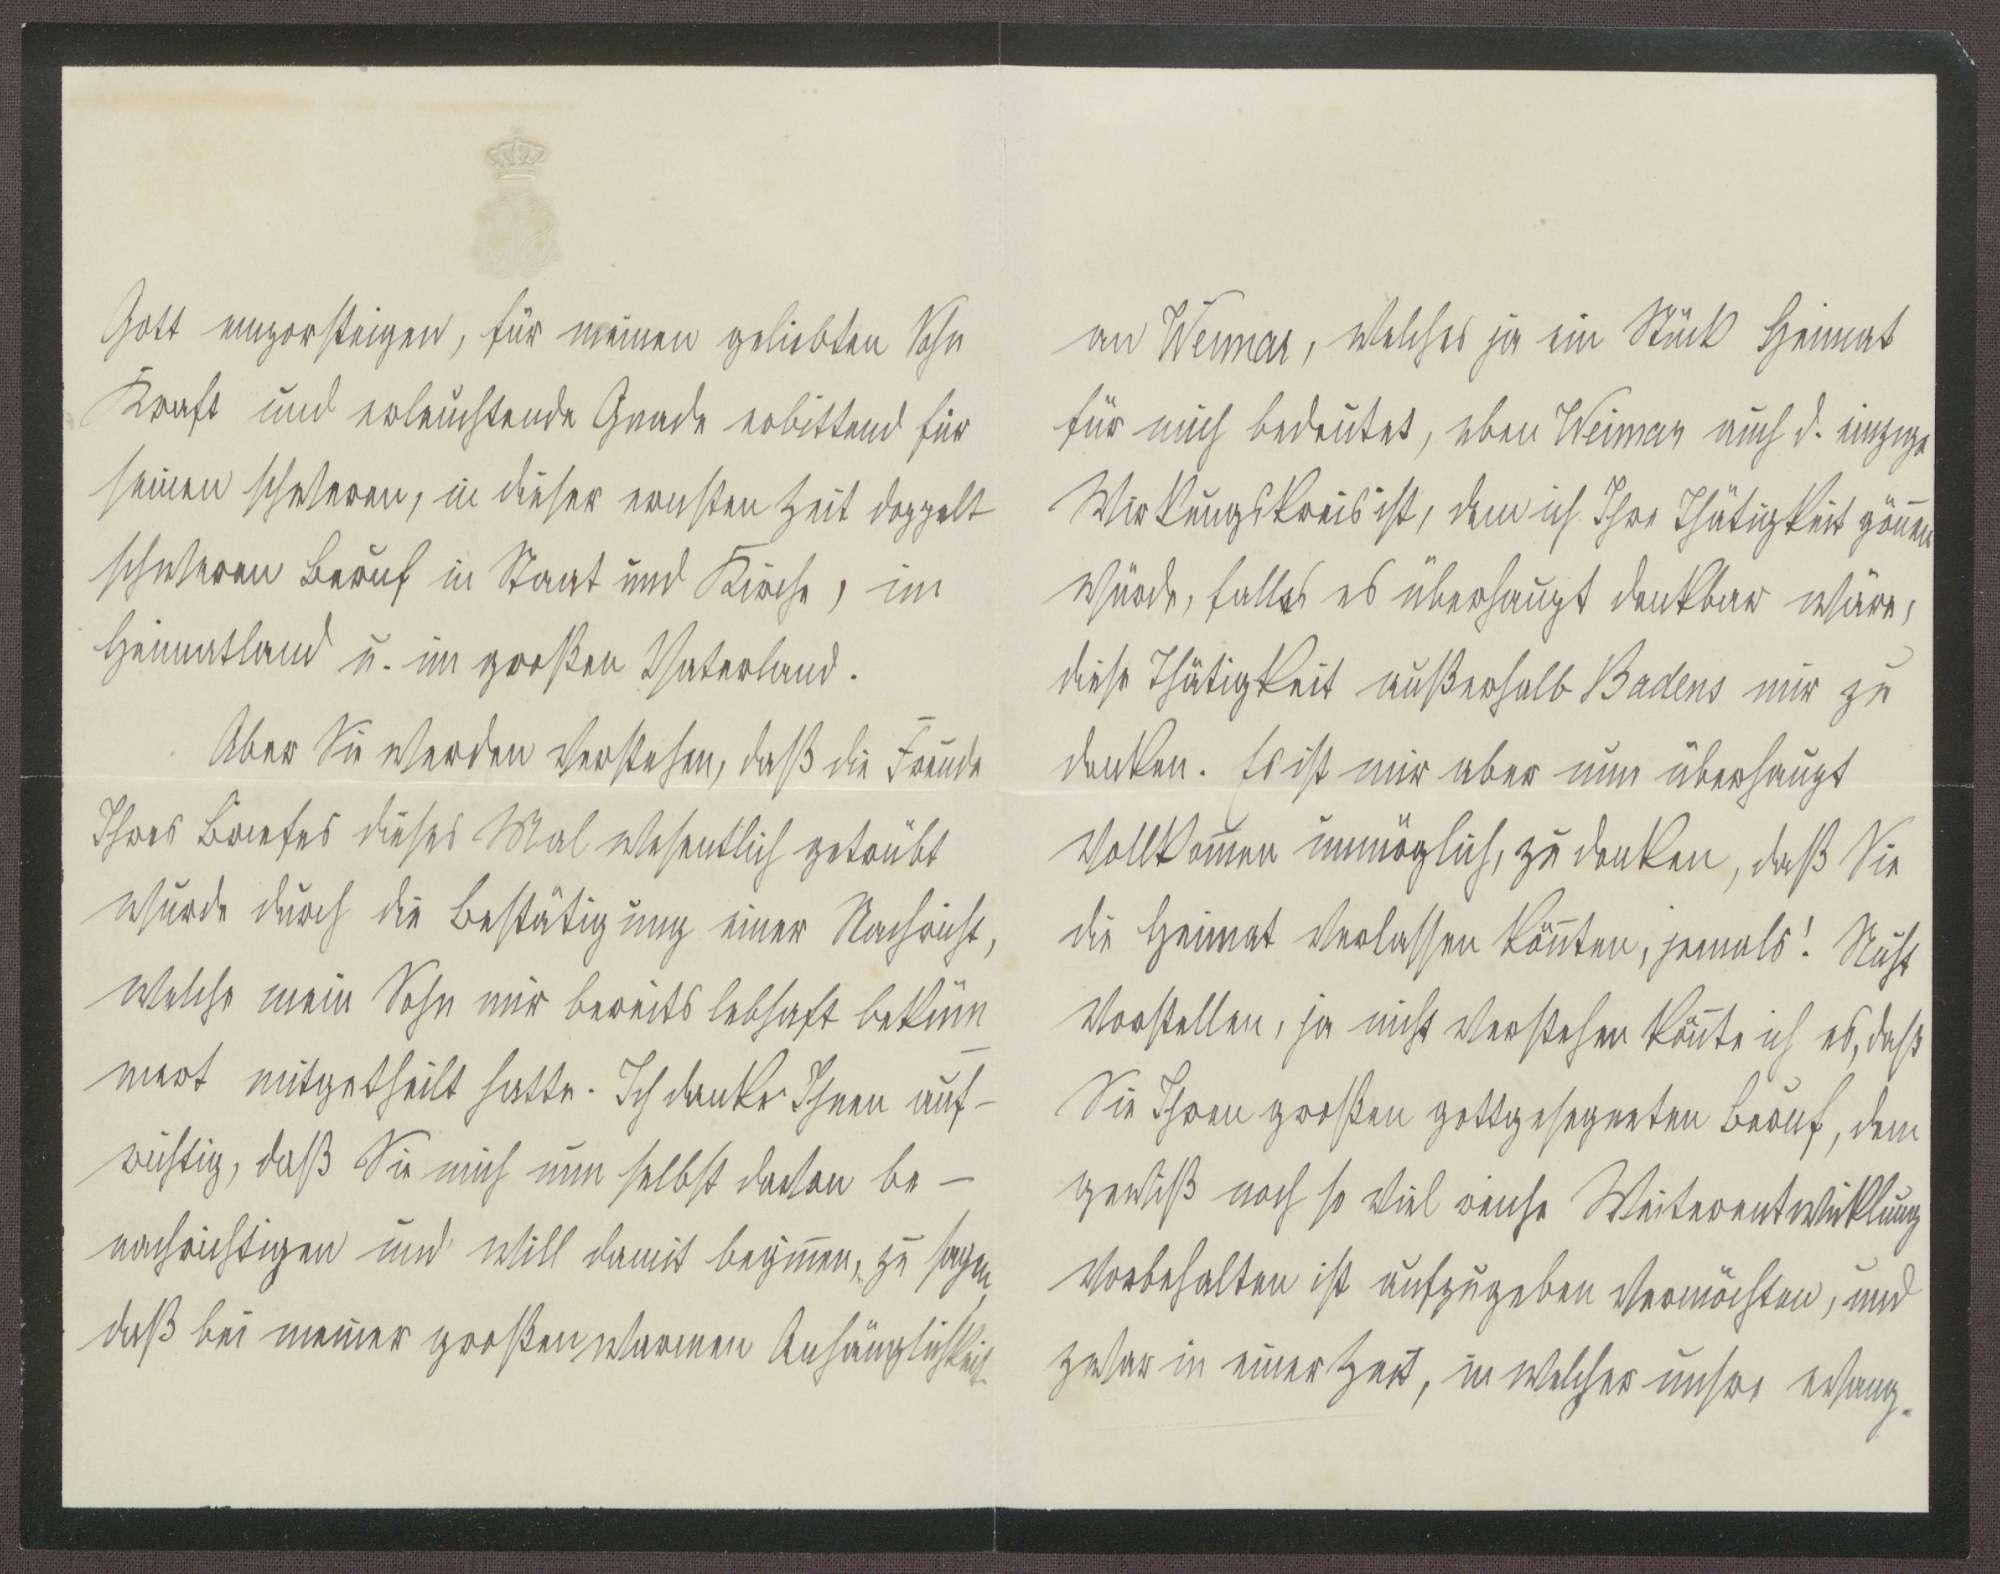 Schreiben von der Großherzogin Luise an Otto Frommel; Dank für ein Schreiben zum Geburstag von Großherzog Friedrich II. und Gedanken über die Stelle als Hofpediger in Weimar, Bild 2